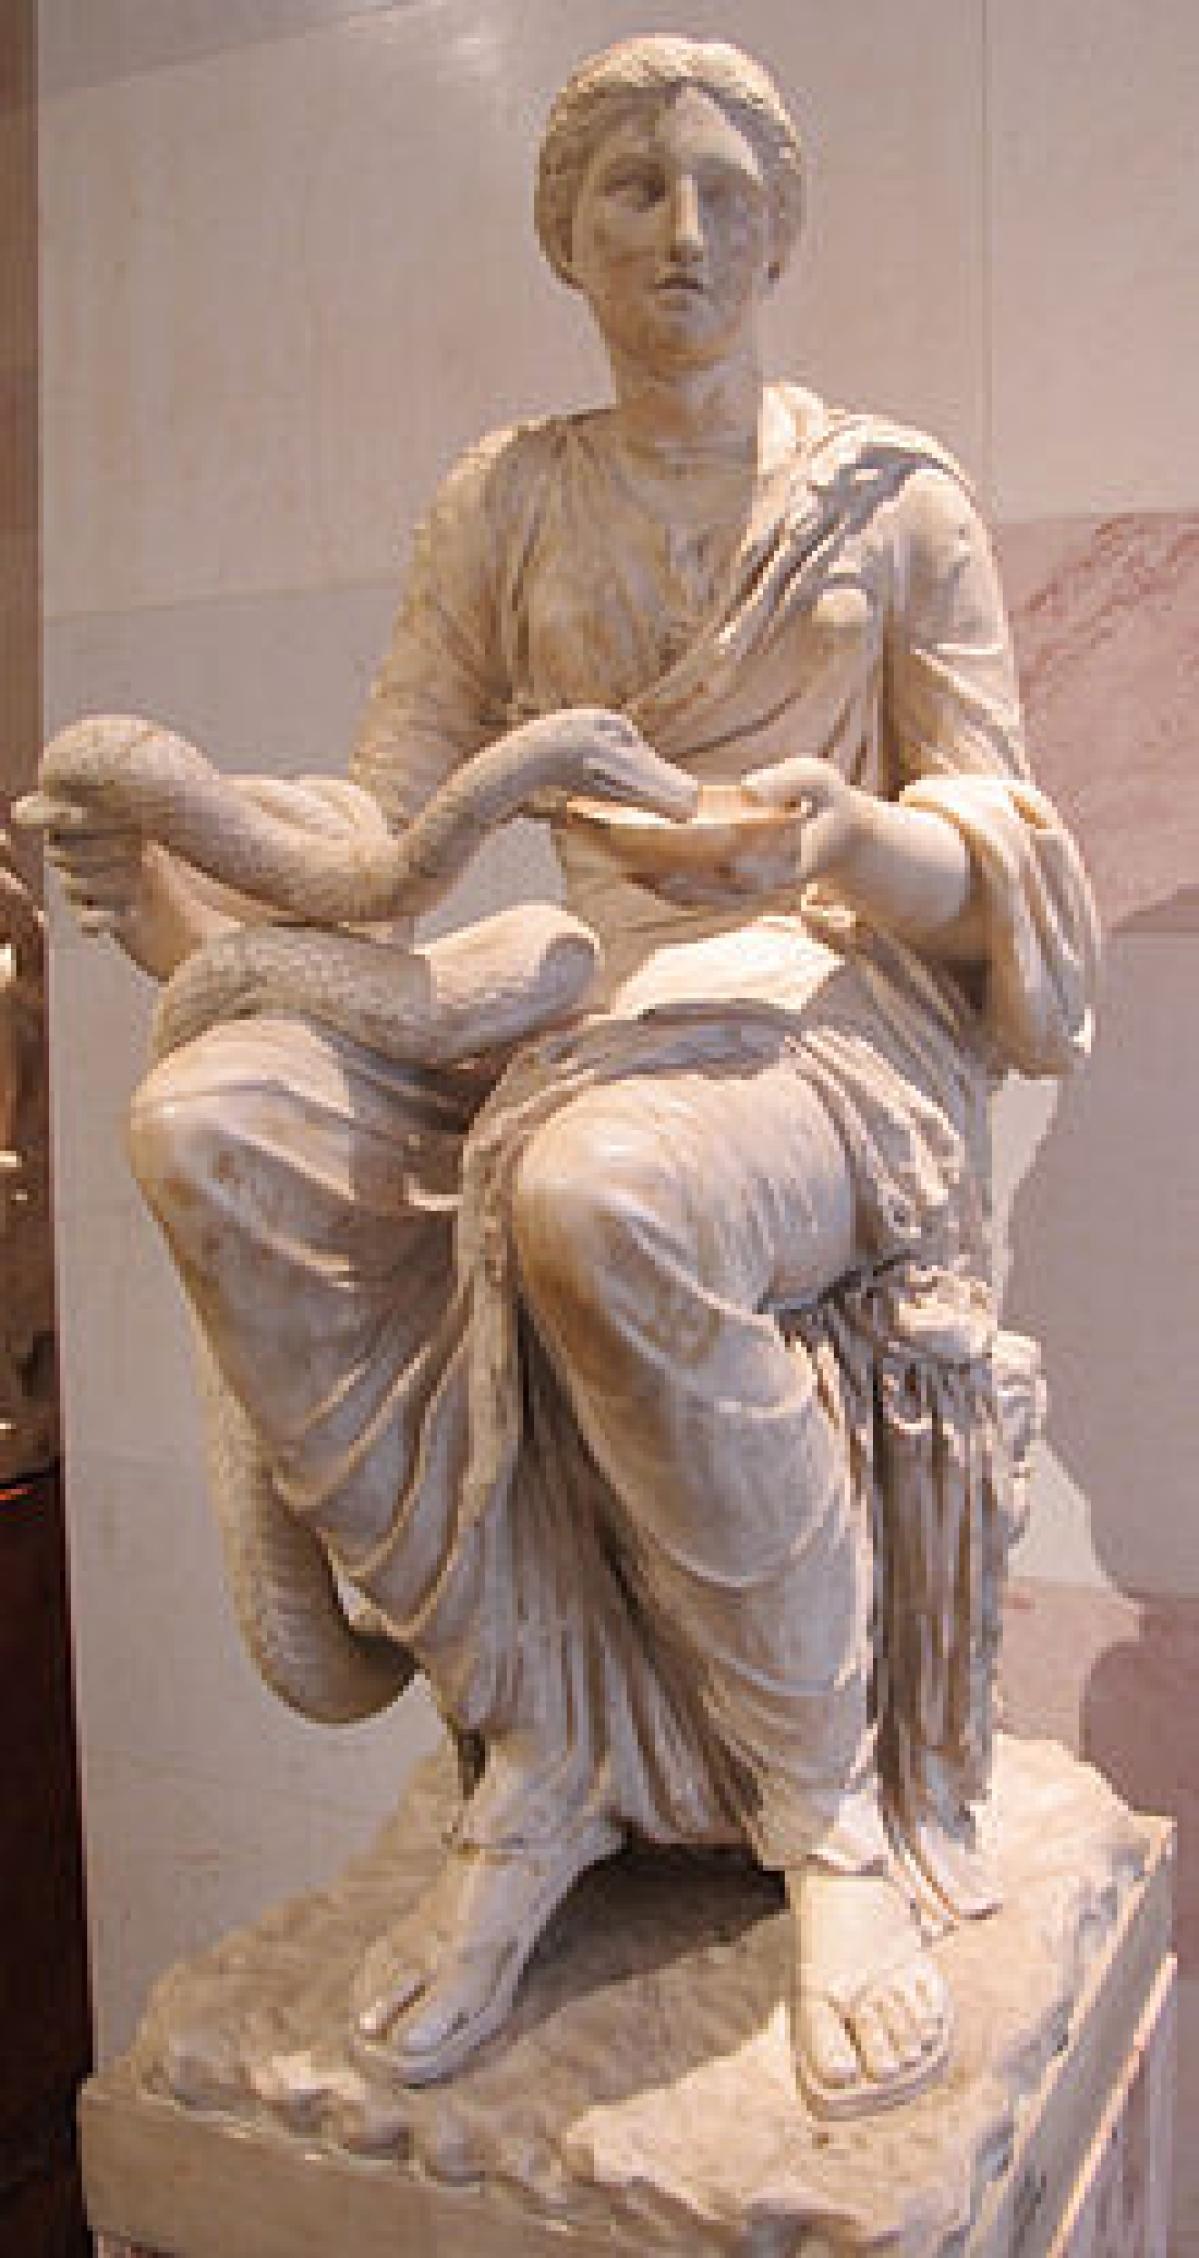 A statue of Goddess Hygieia